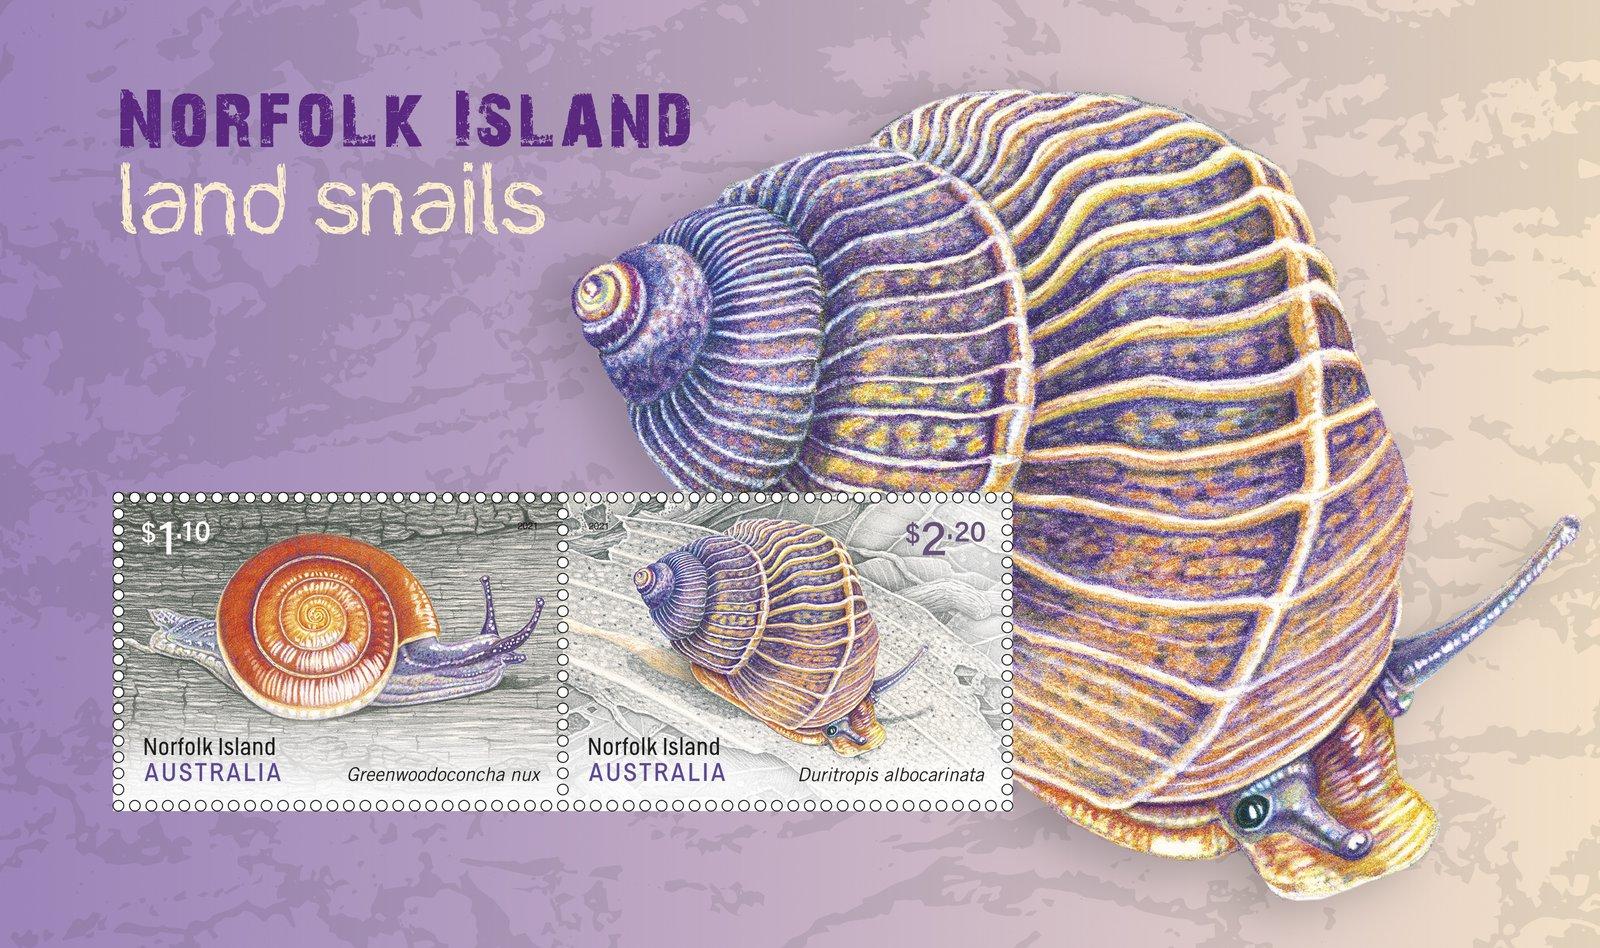 Norfolk Island: Land Snails postage stamp.